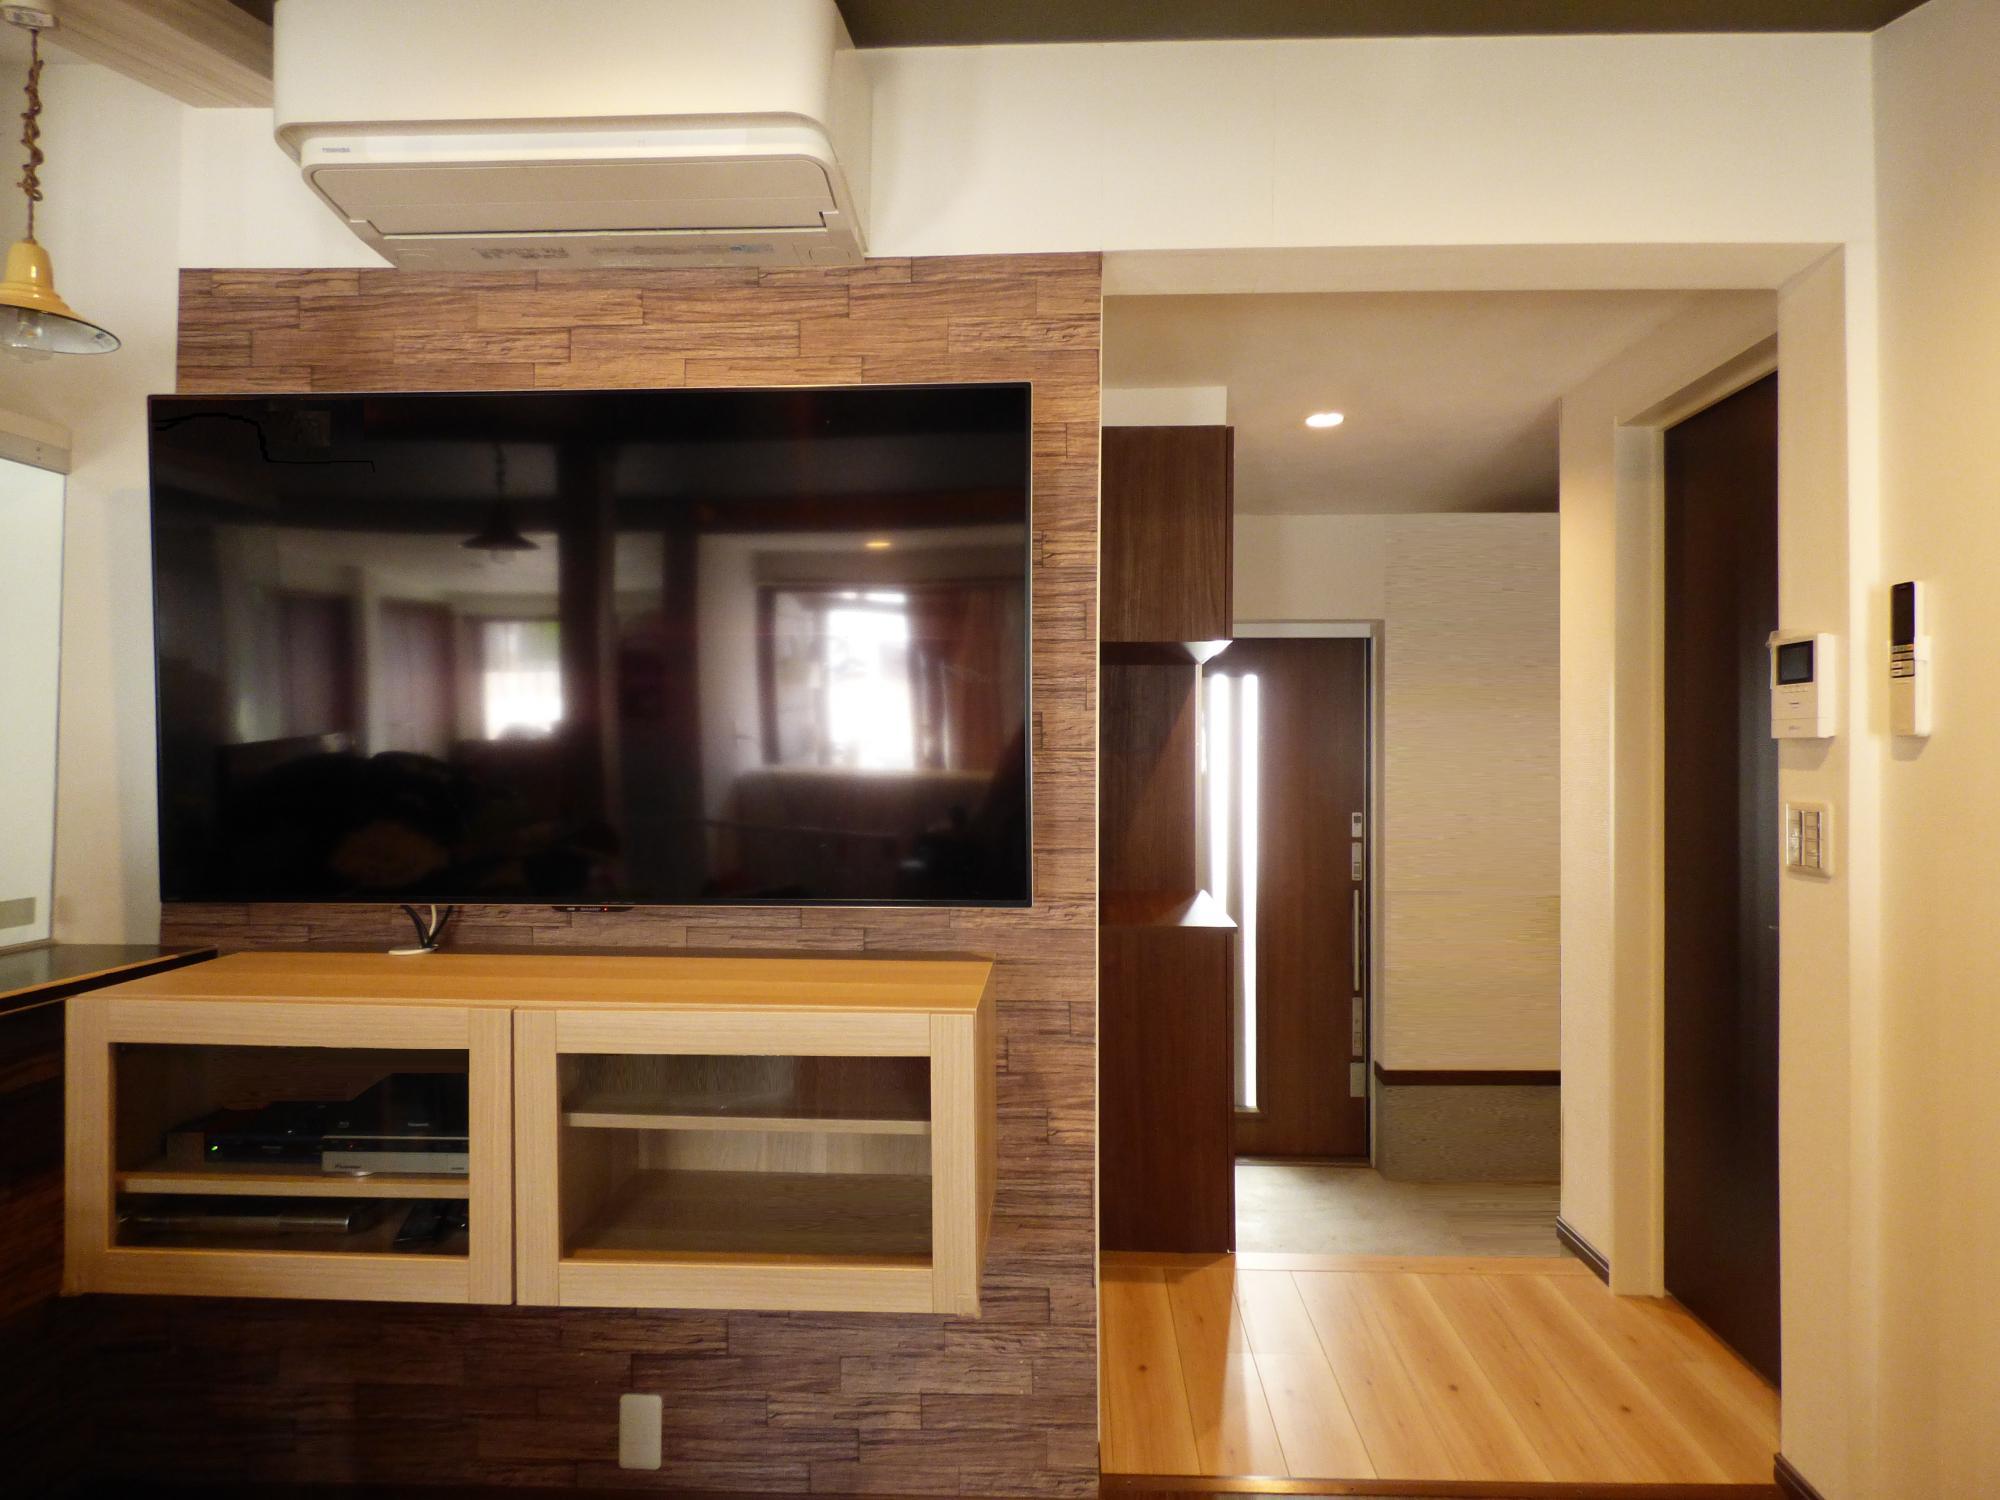 リビングにはテレビを壁吊りで設置、しかもテレビボードもフロート仕様です。これにより、お掃除楽々です。